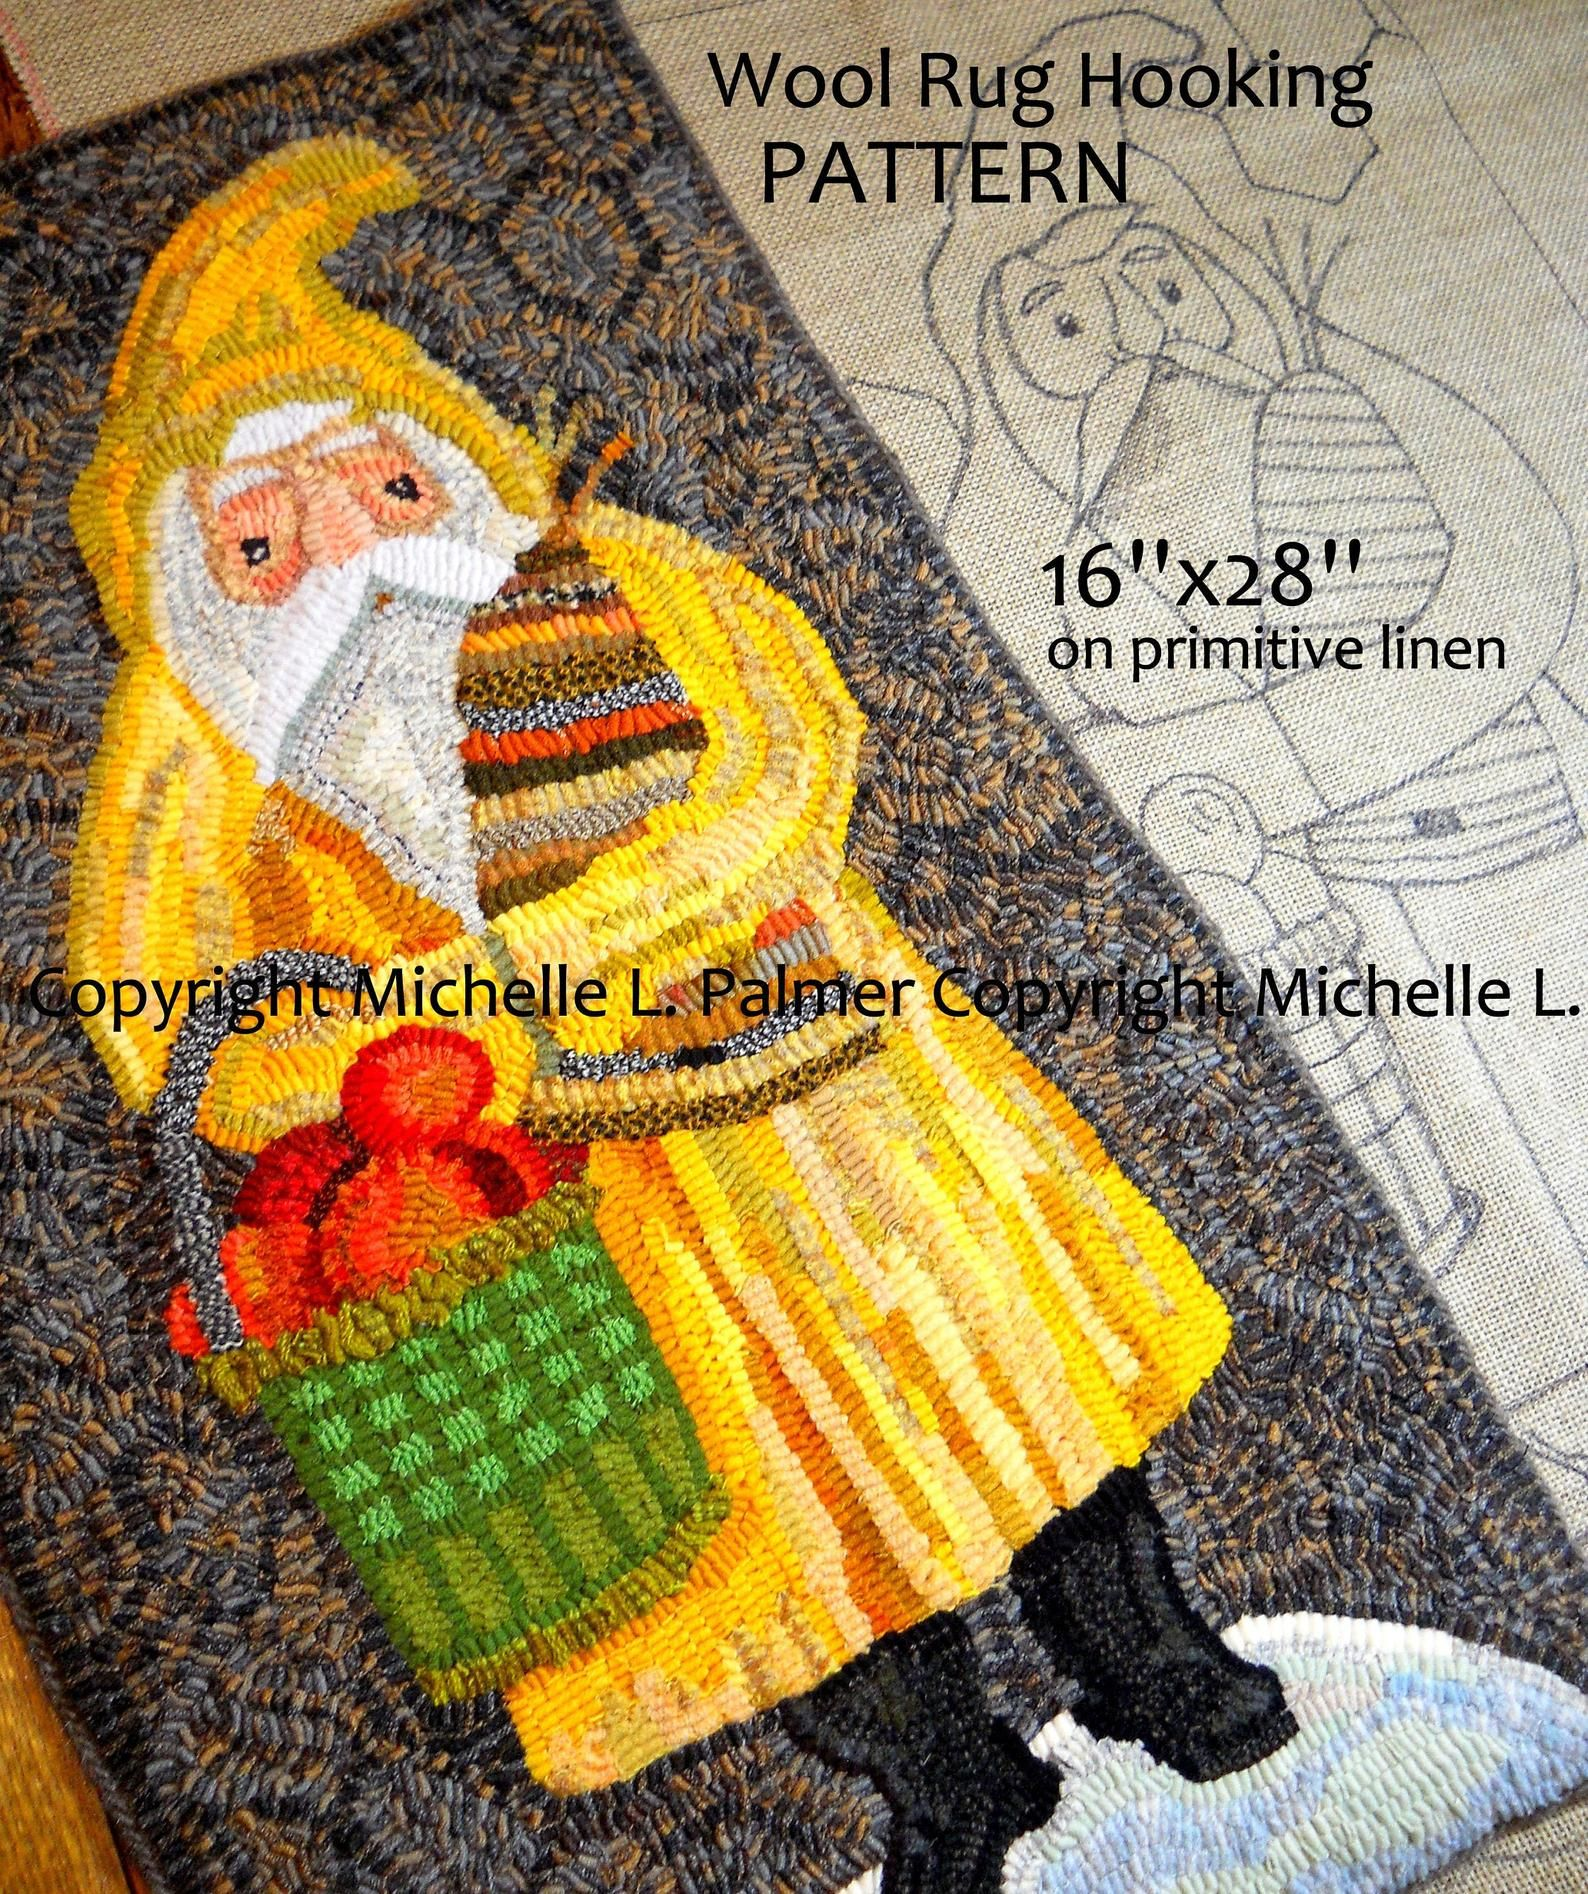 Prim Folk Vintage Santa Claus RUG HOOK Hooking PATTERN